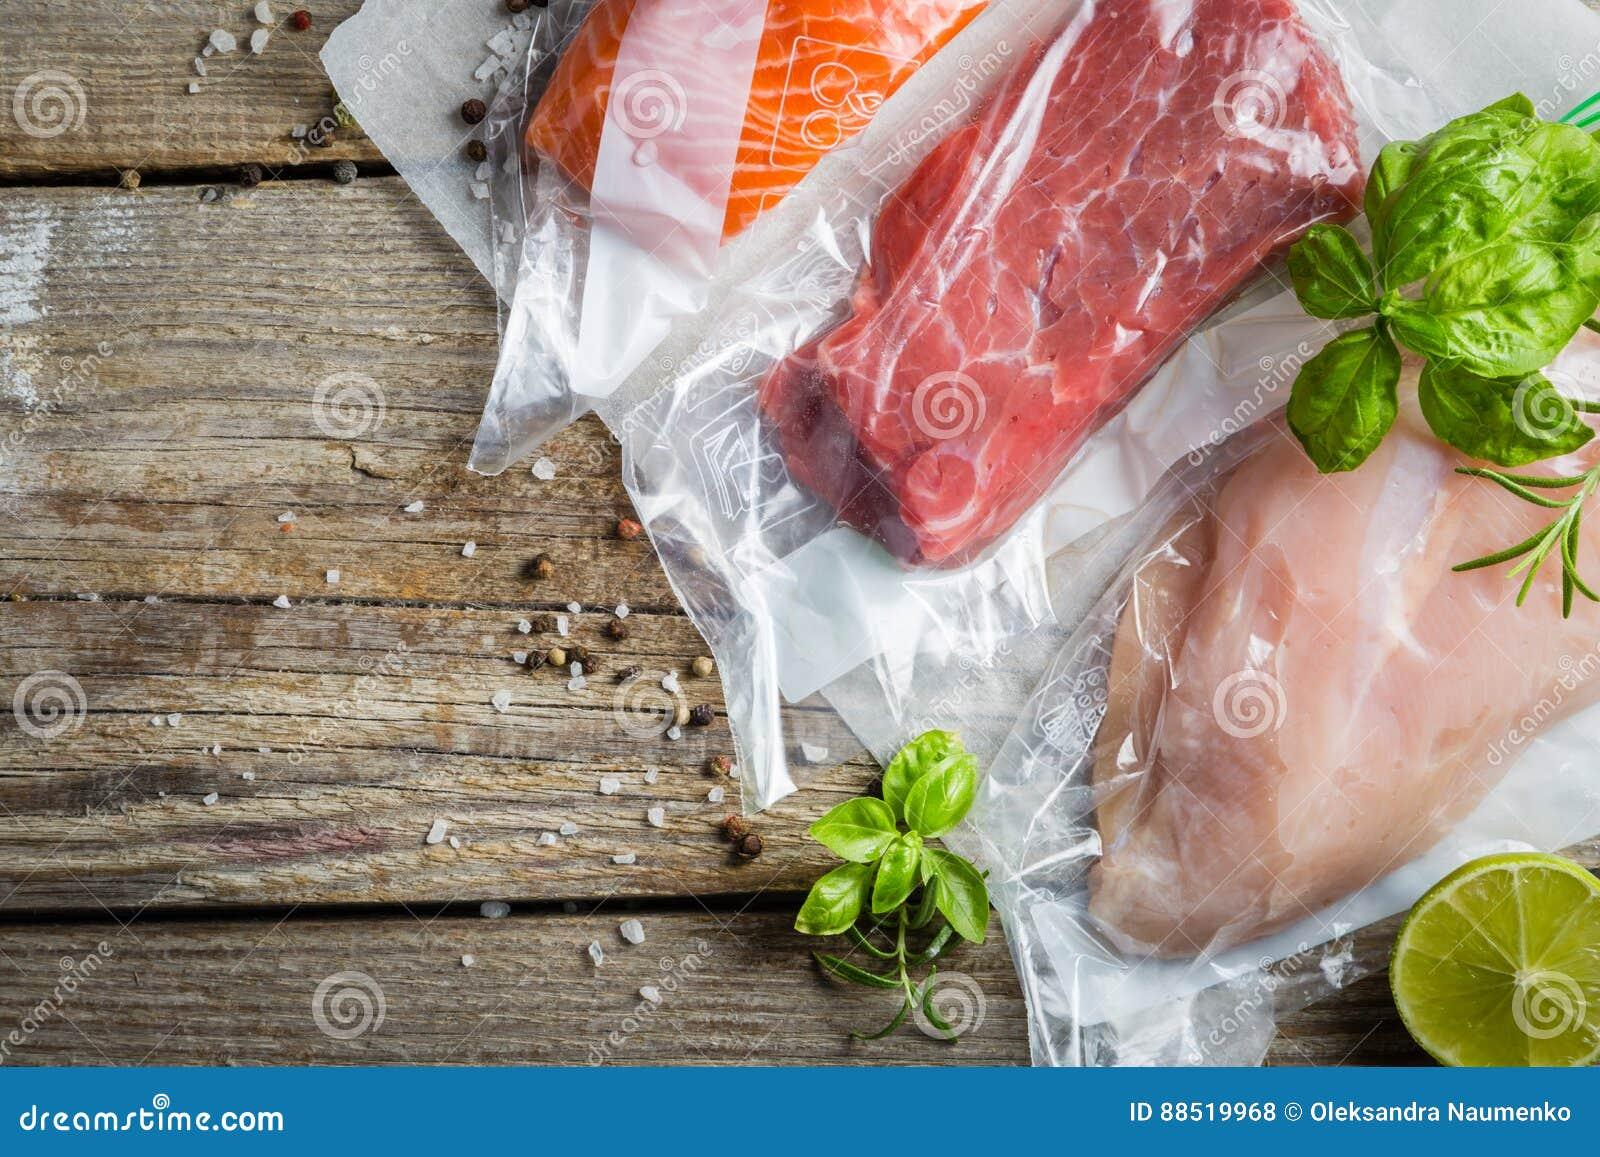 牛肉、鸡和三文鱼在真空塑料袋sous vide烹调的